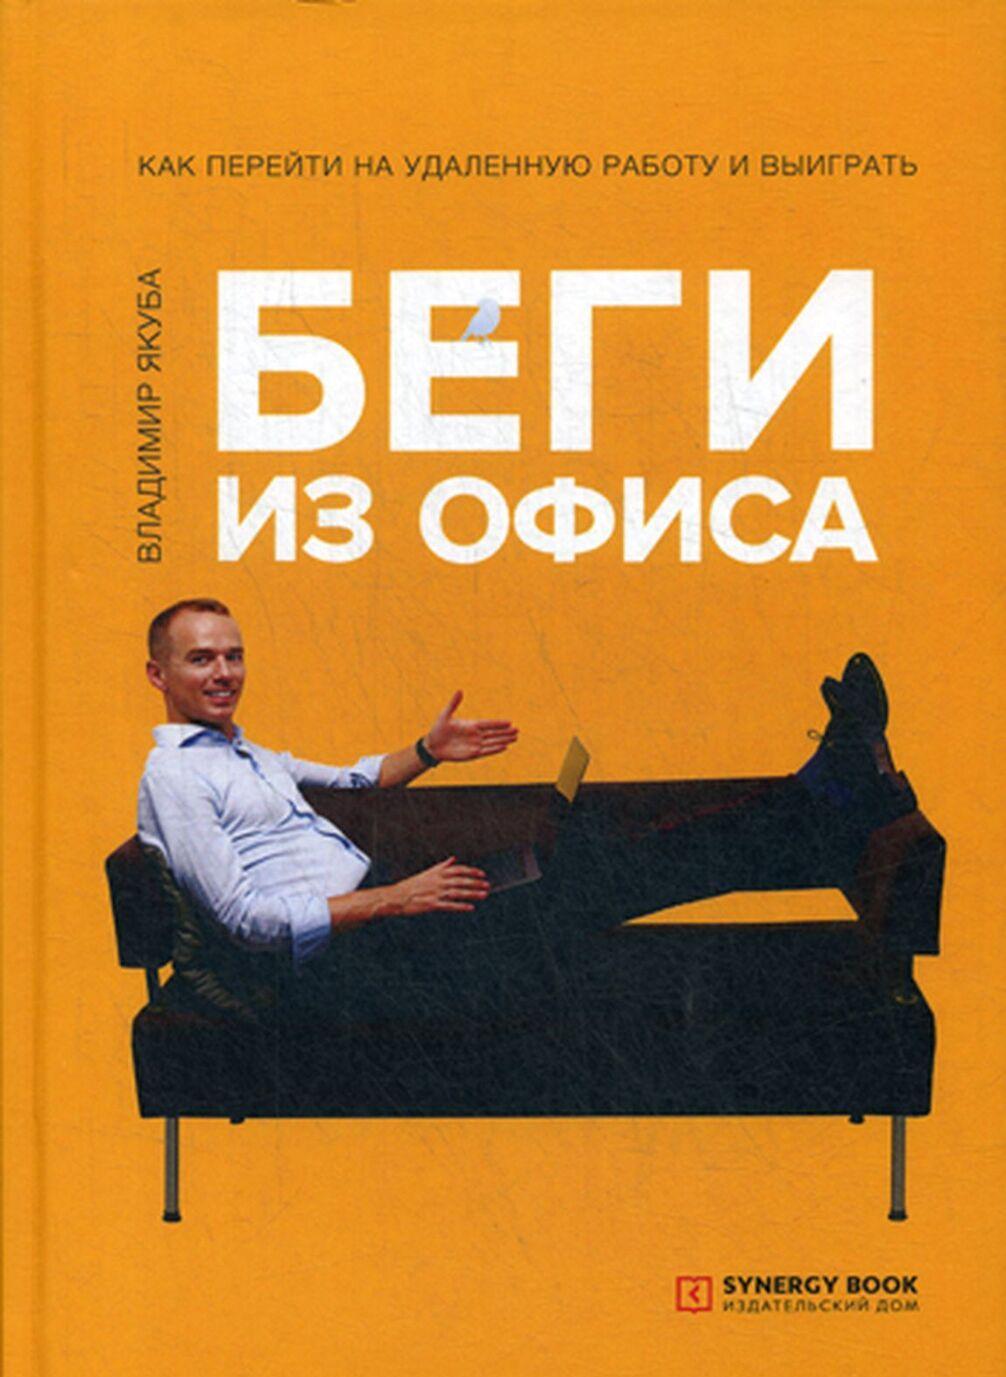 Begi iz ofisa. Kak perejti na udalennuju rabotu i vyigrat | Jakuba Vladimir